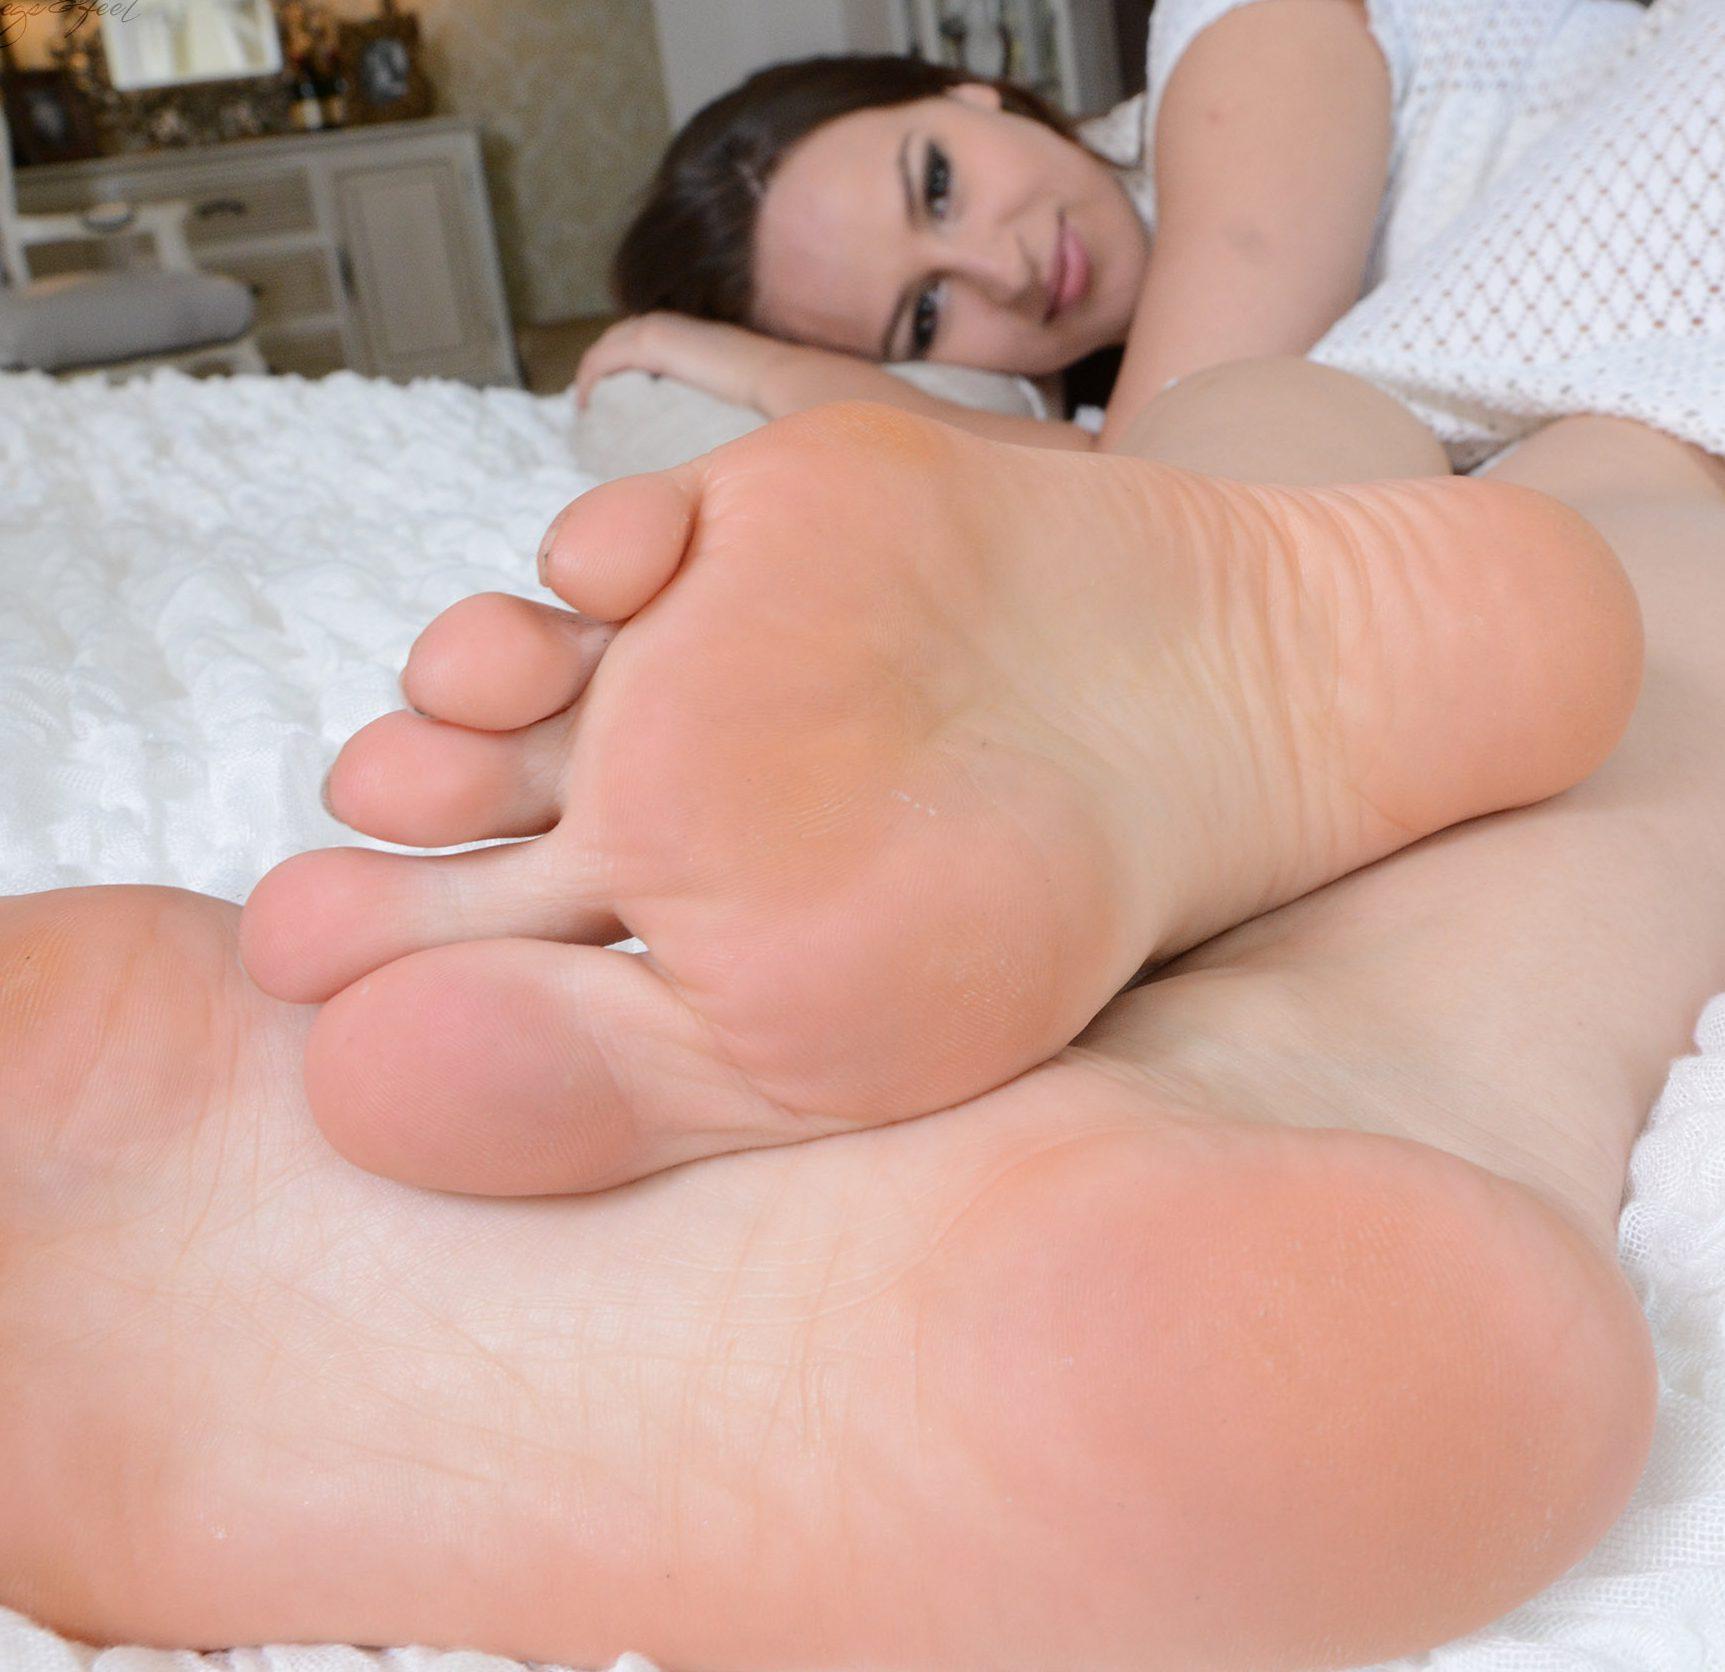 Anfiassas nackte, verträumte Füße